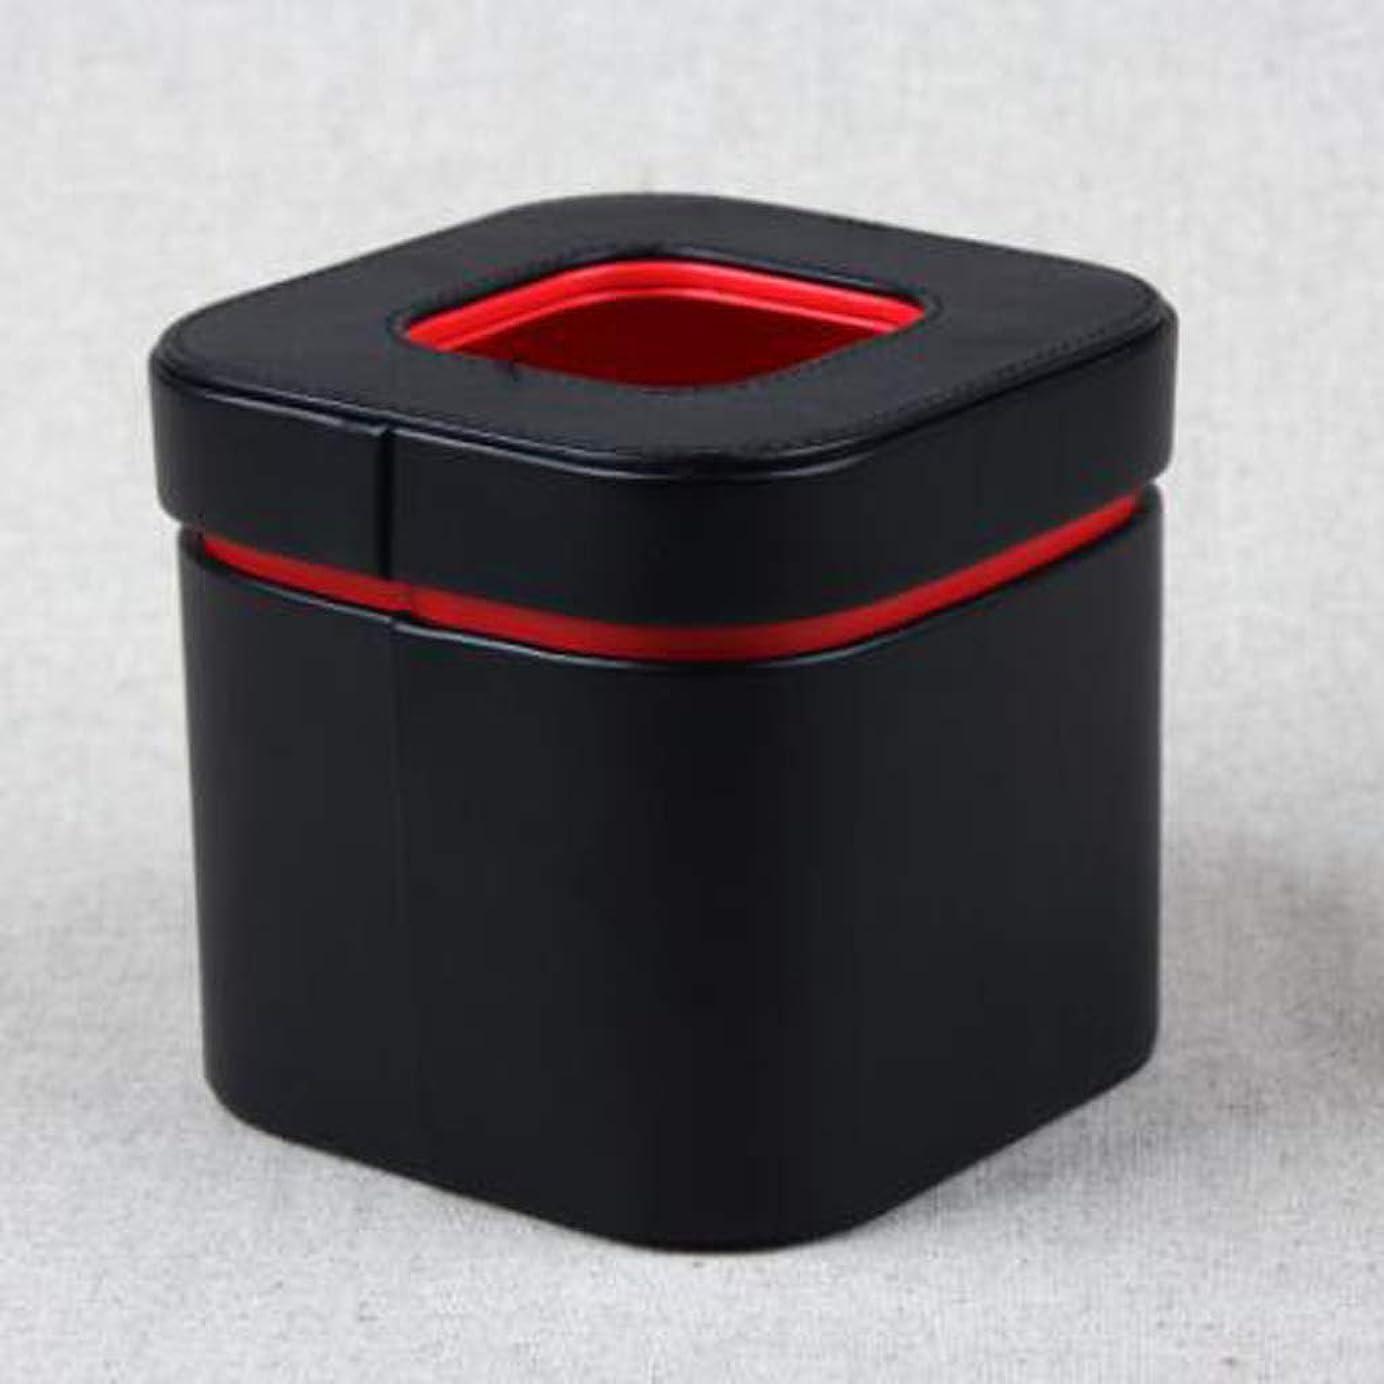 ダイヤモンド安心させる石炭ティッシュボックス世帯表デスクトップストレージボックスシンプルな紙箱赤黒、白と青の色 JSSFQK (Color : Black)